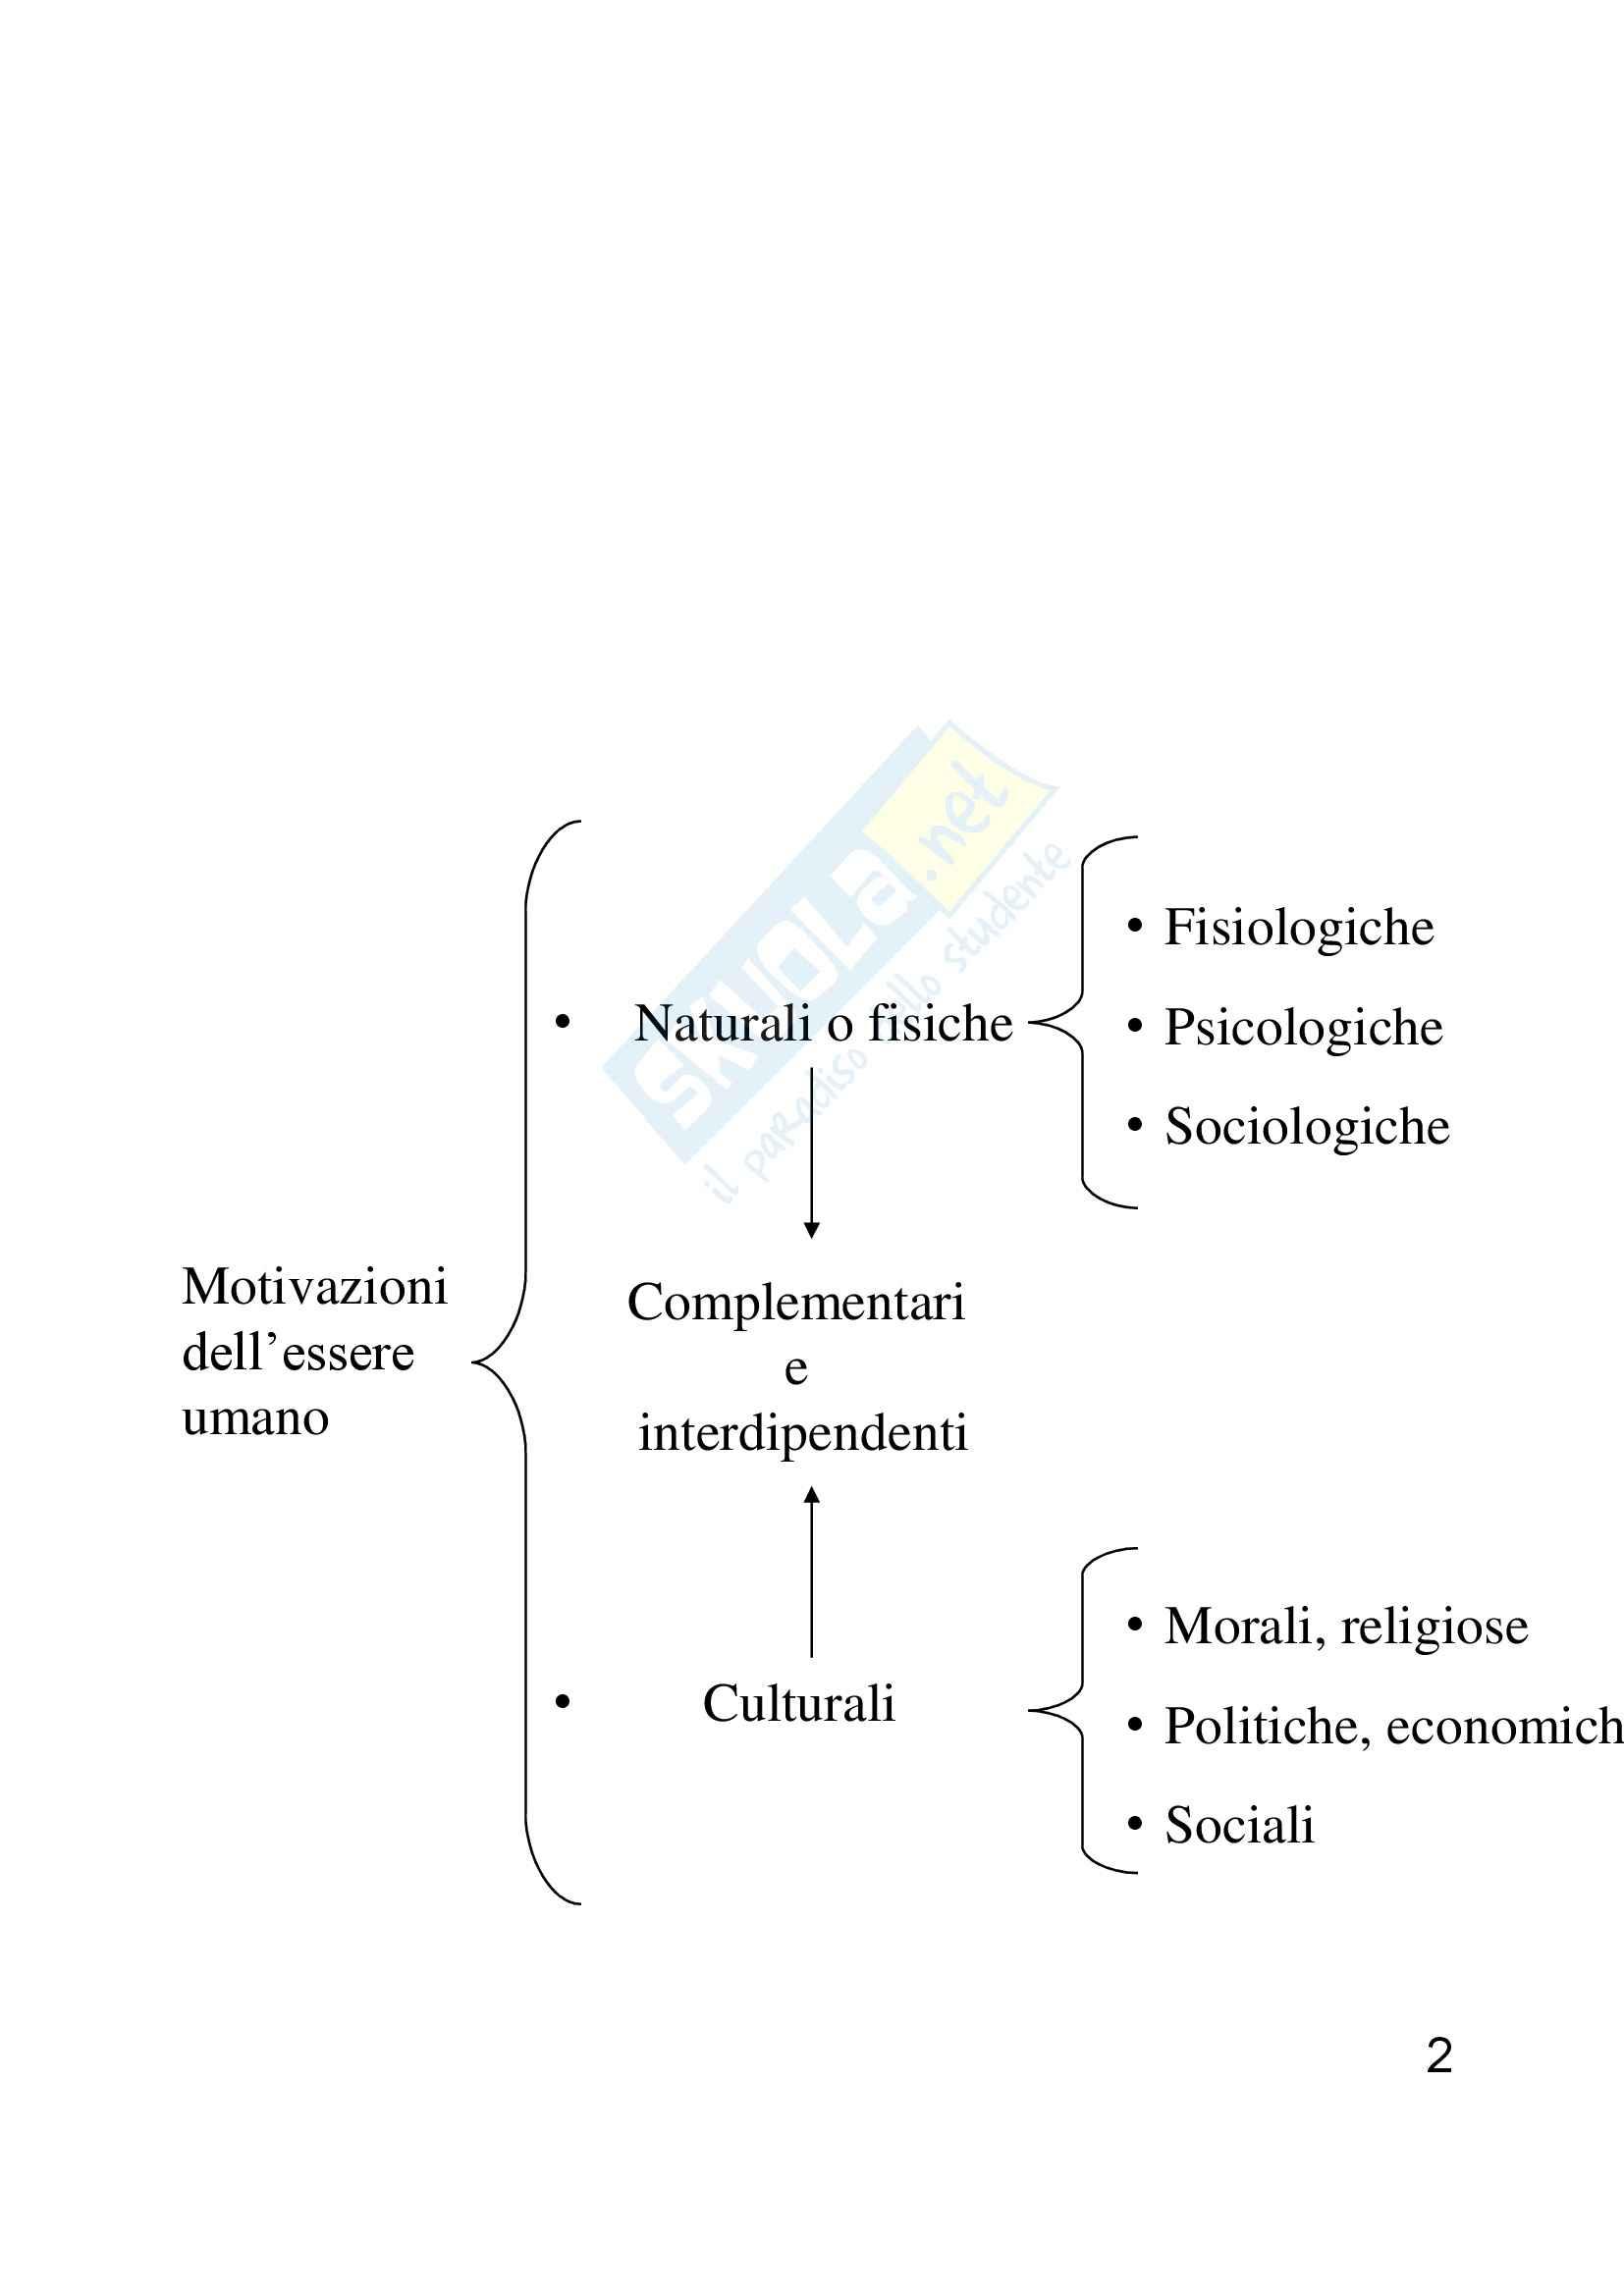 Economia aziendale - sistema azienda Pag. 2